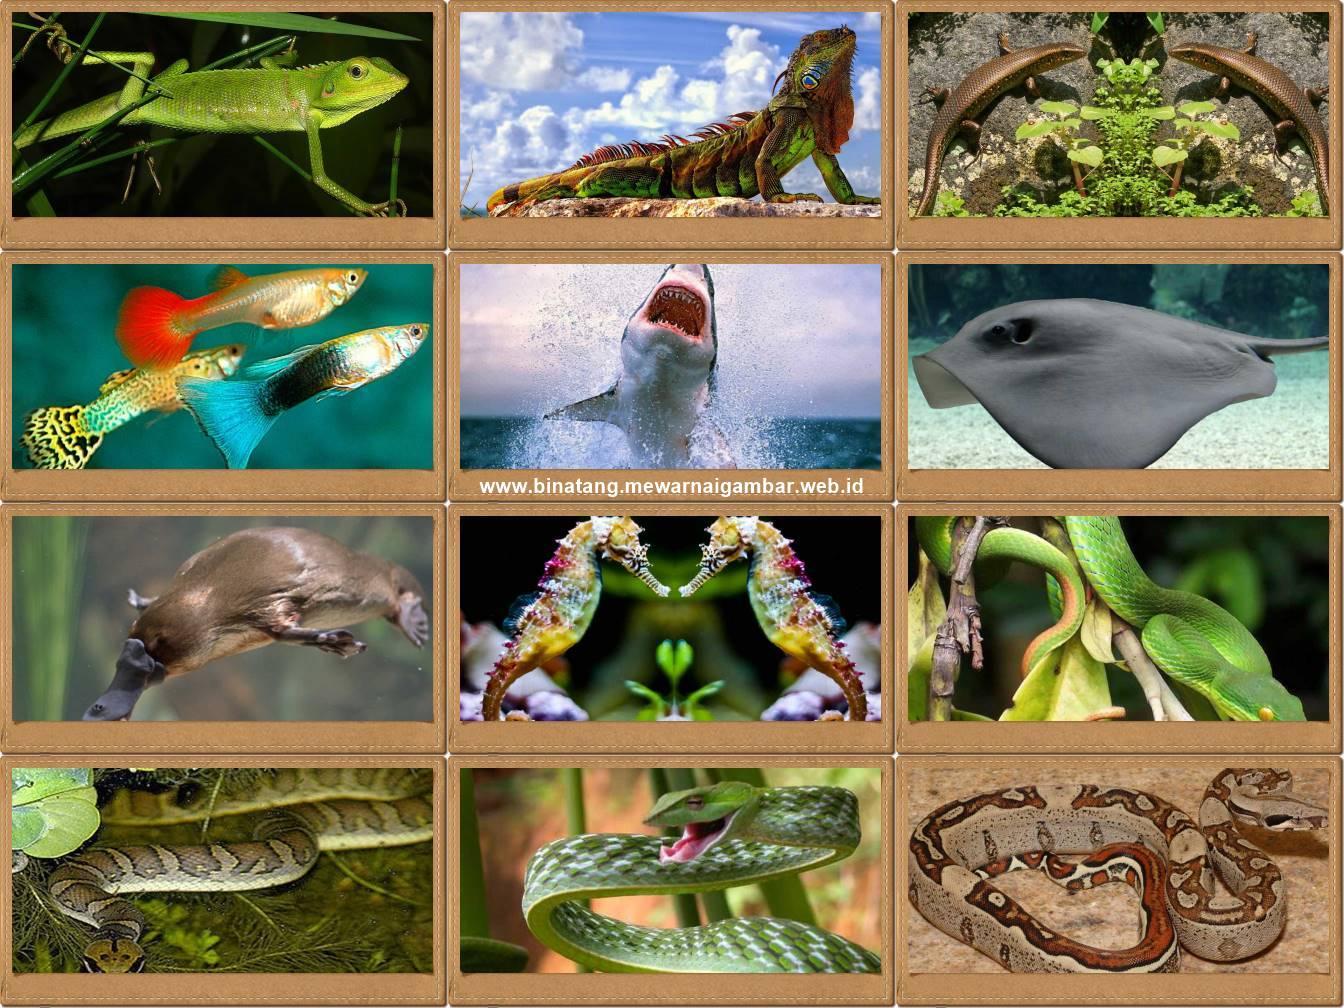 8400 Koleksi Gambar Hewan Ovipar Beserta Namanya Terbaru